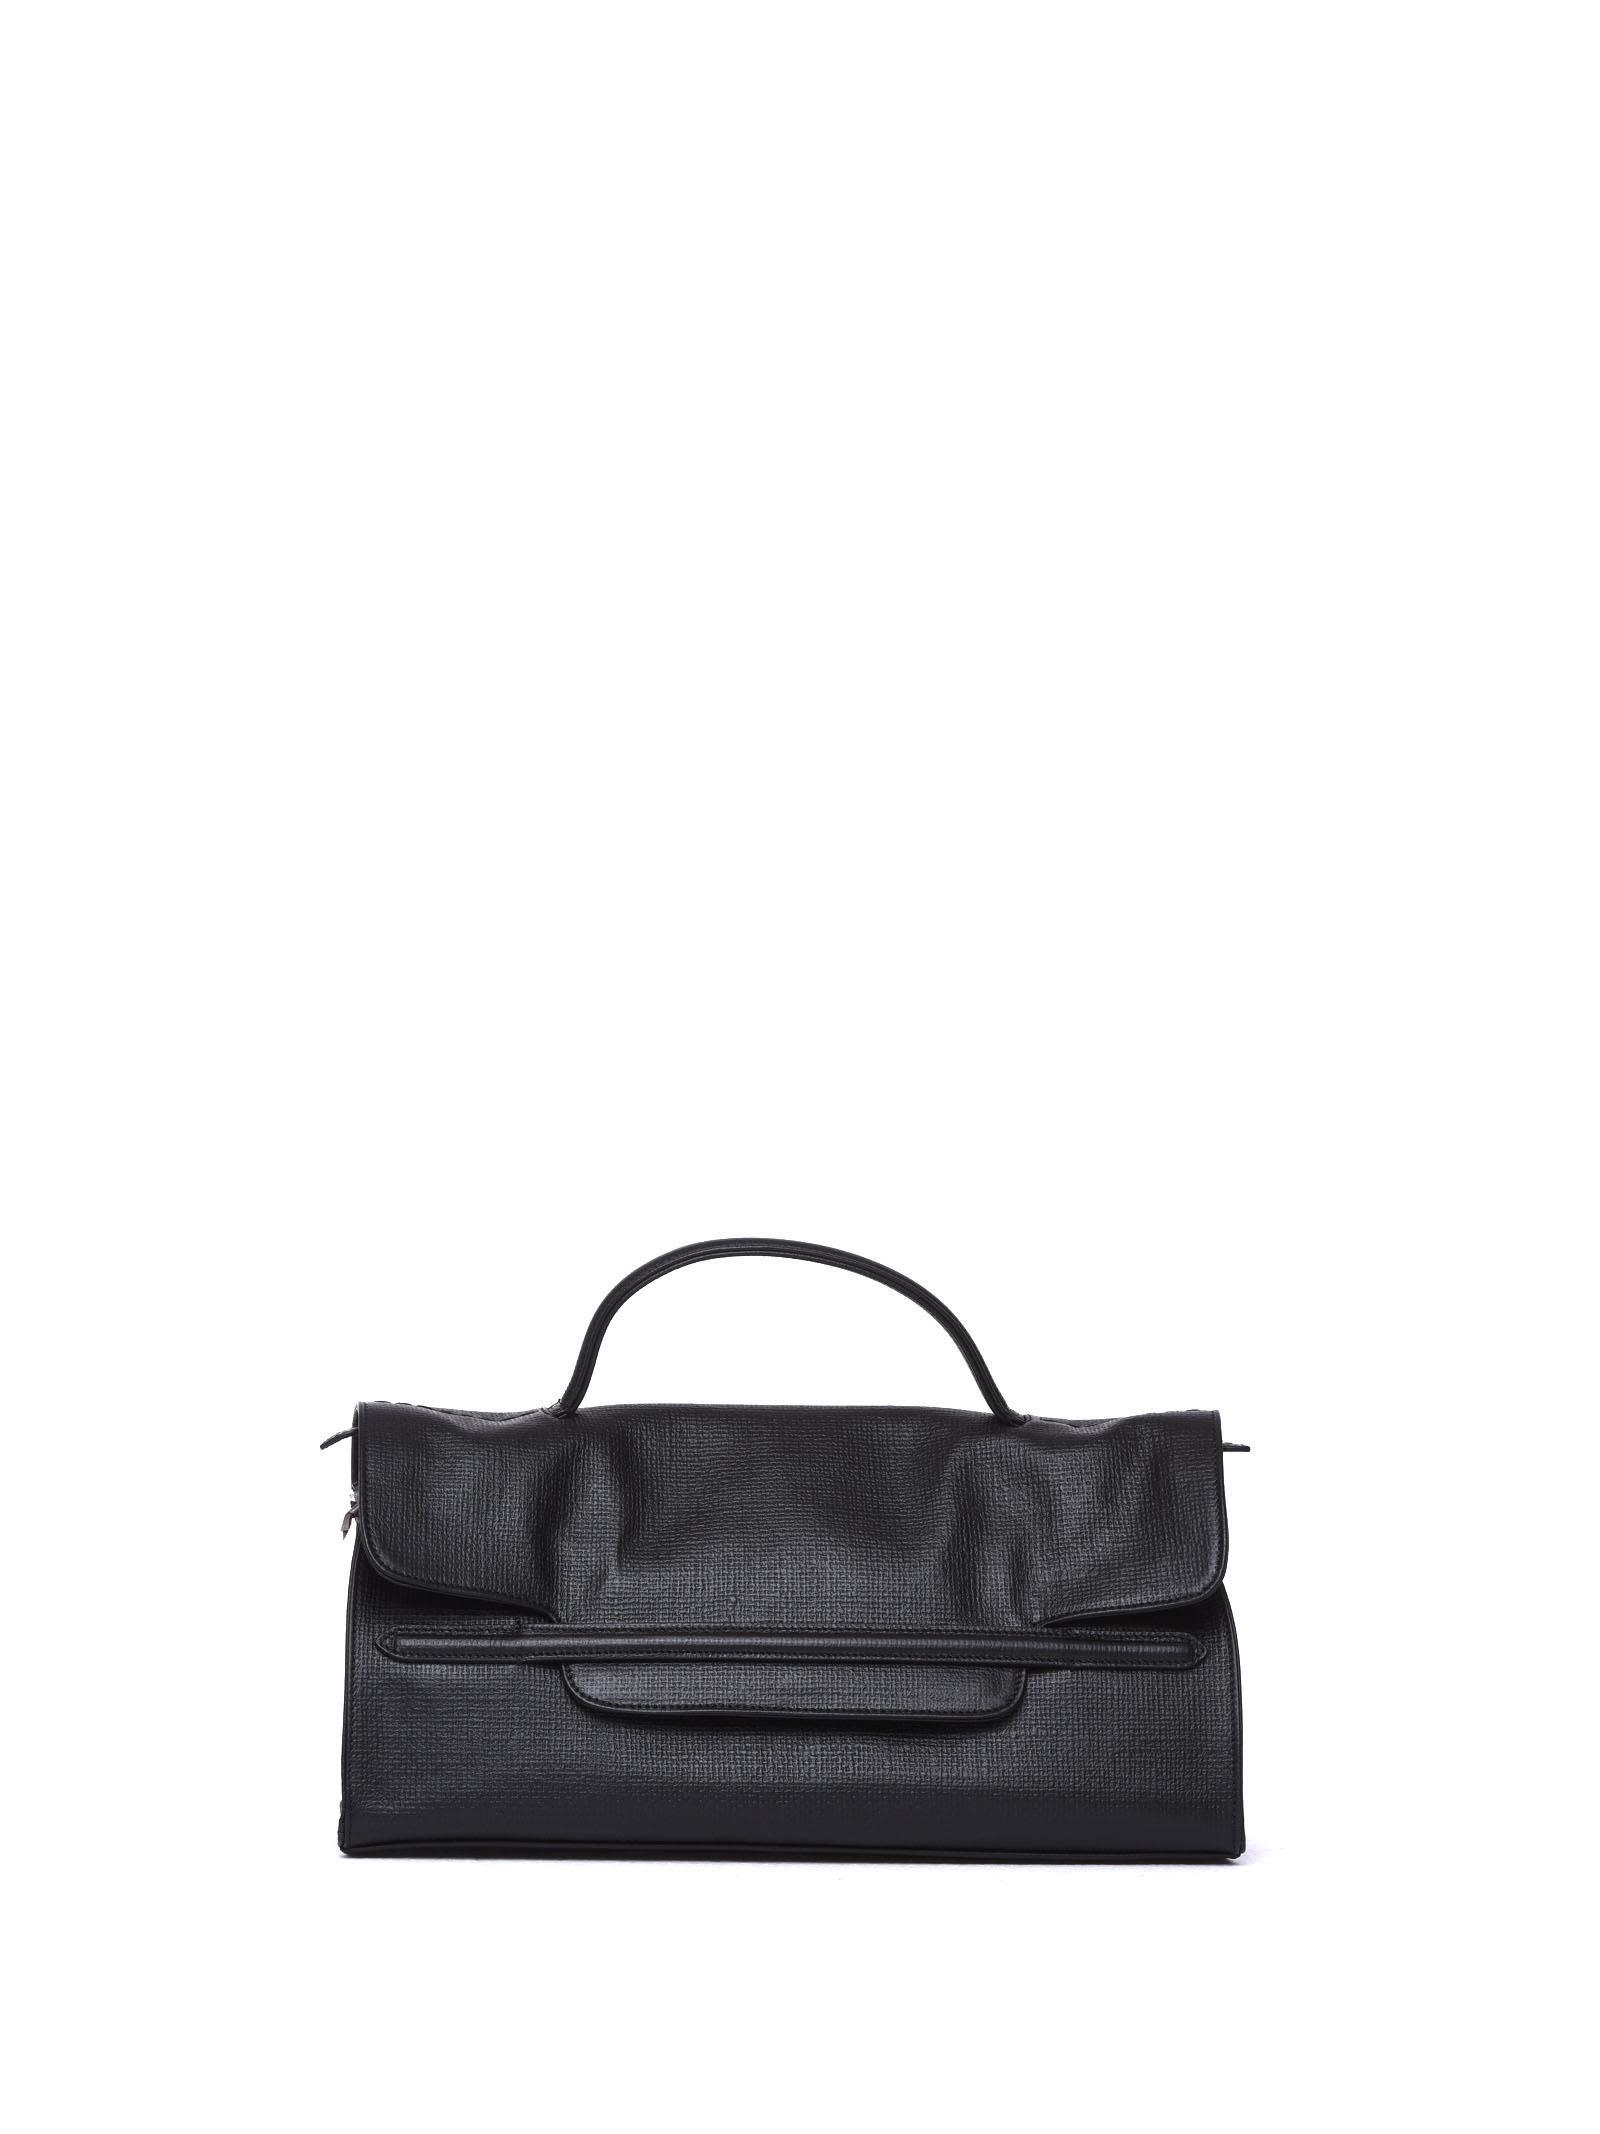 Zanellato Nina-bag M Curturo Black In Nero